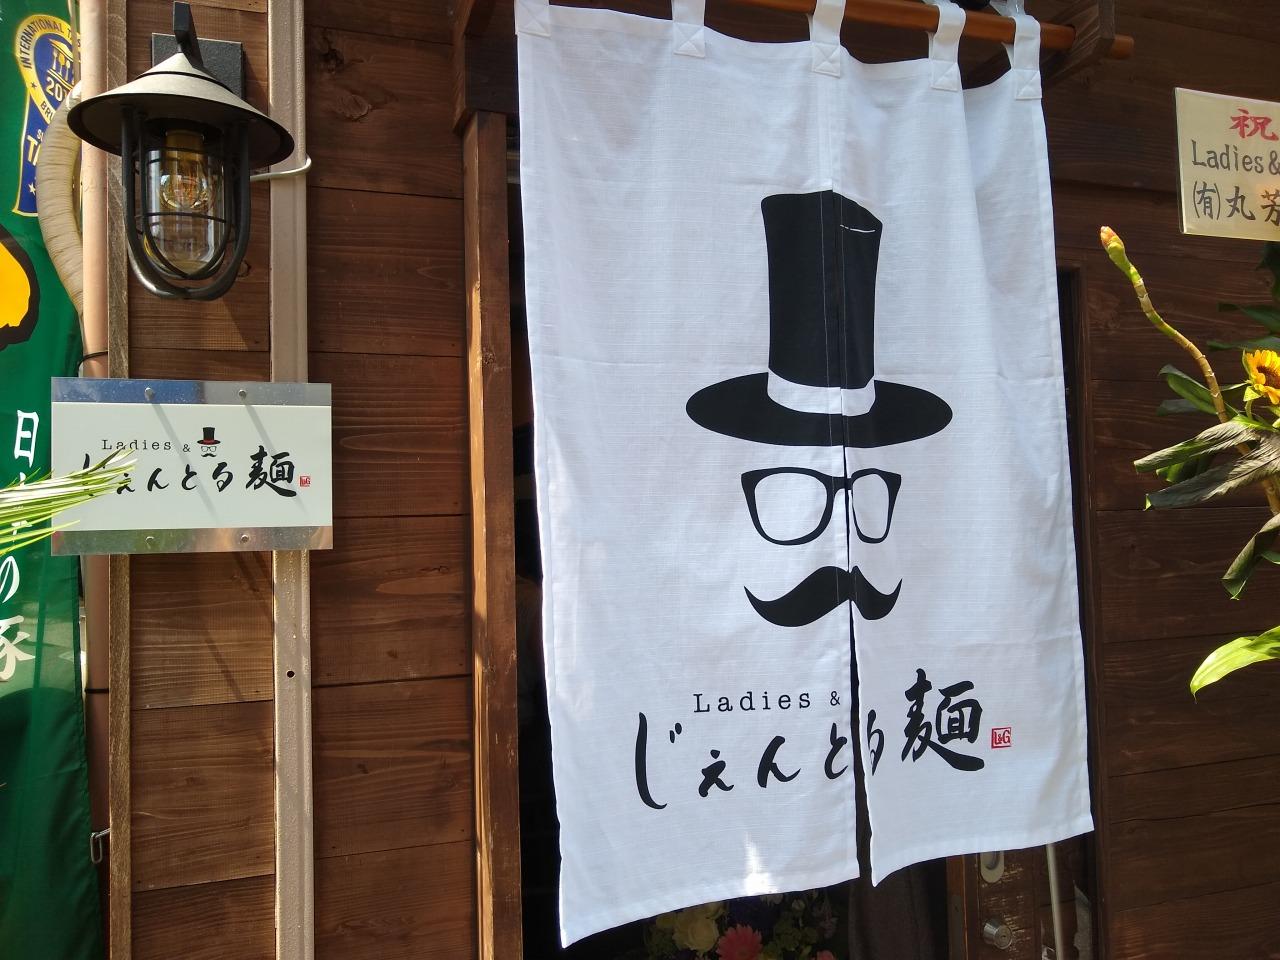 綱島のLadies & じぇんとる麺